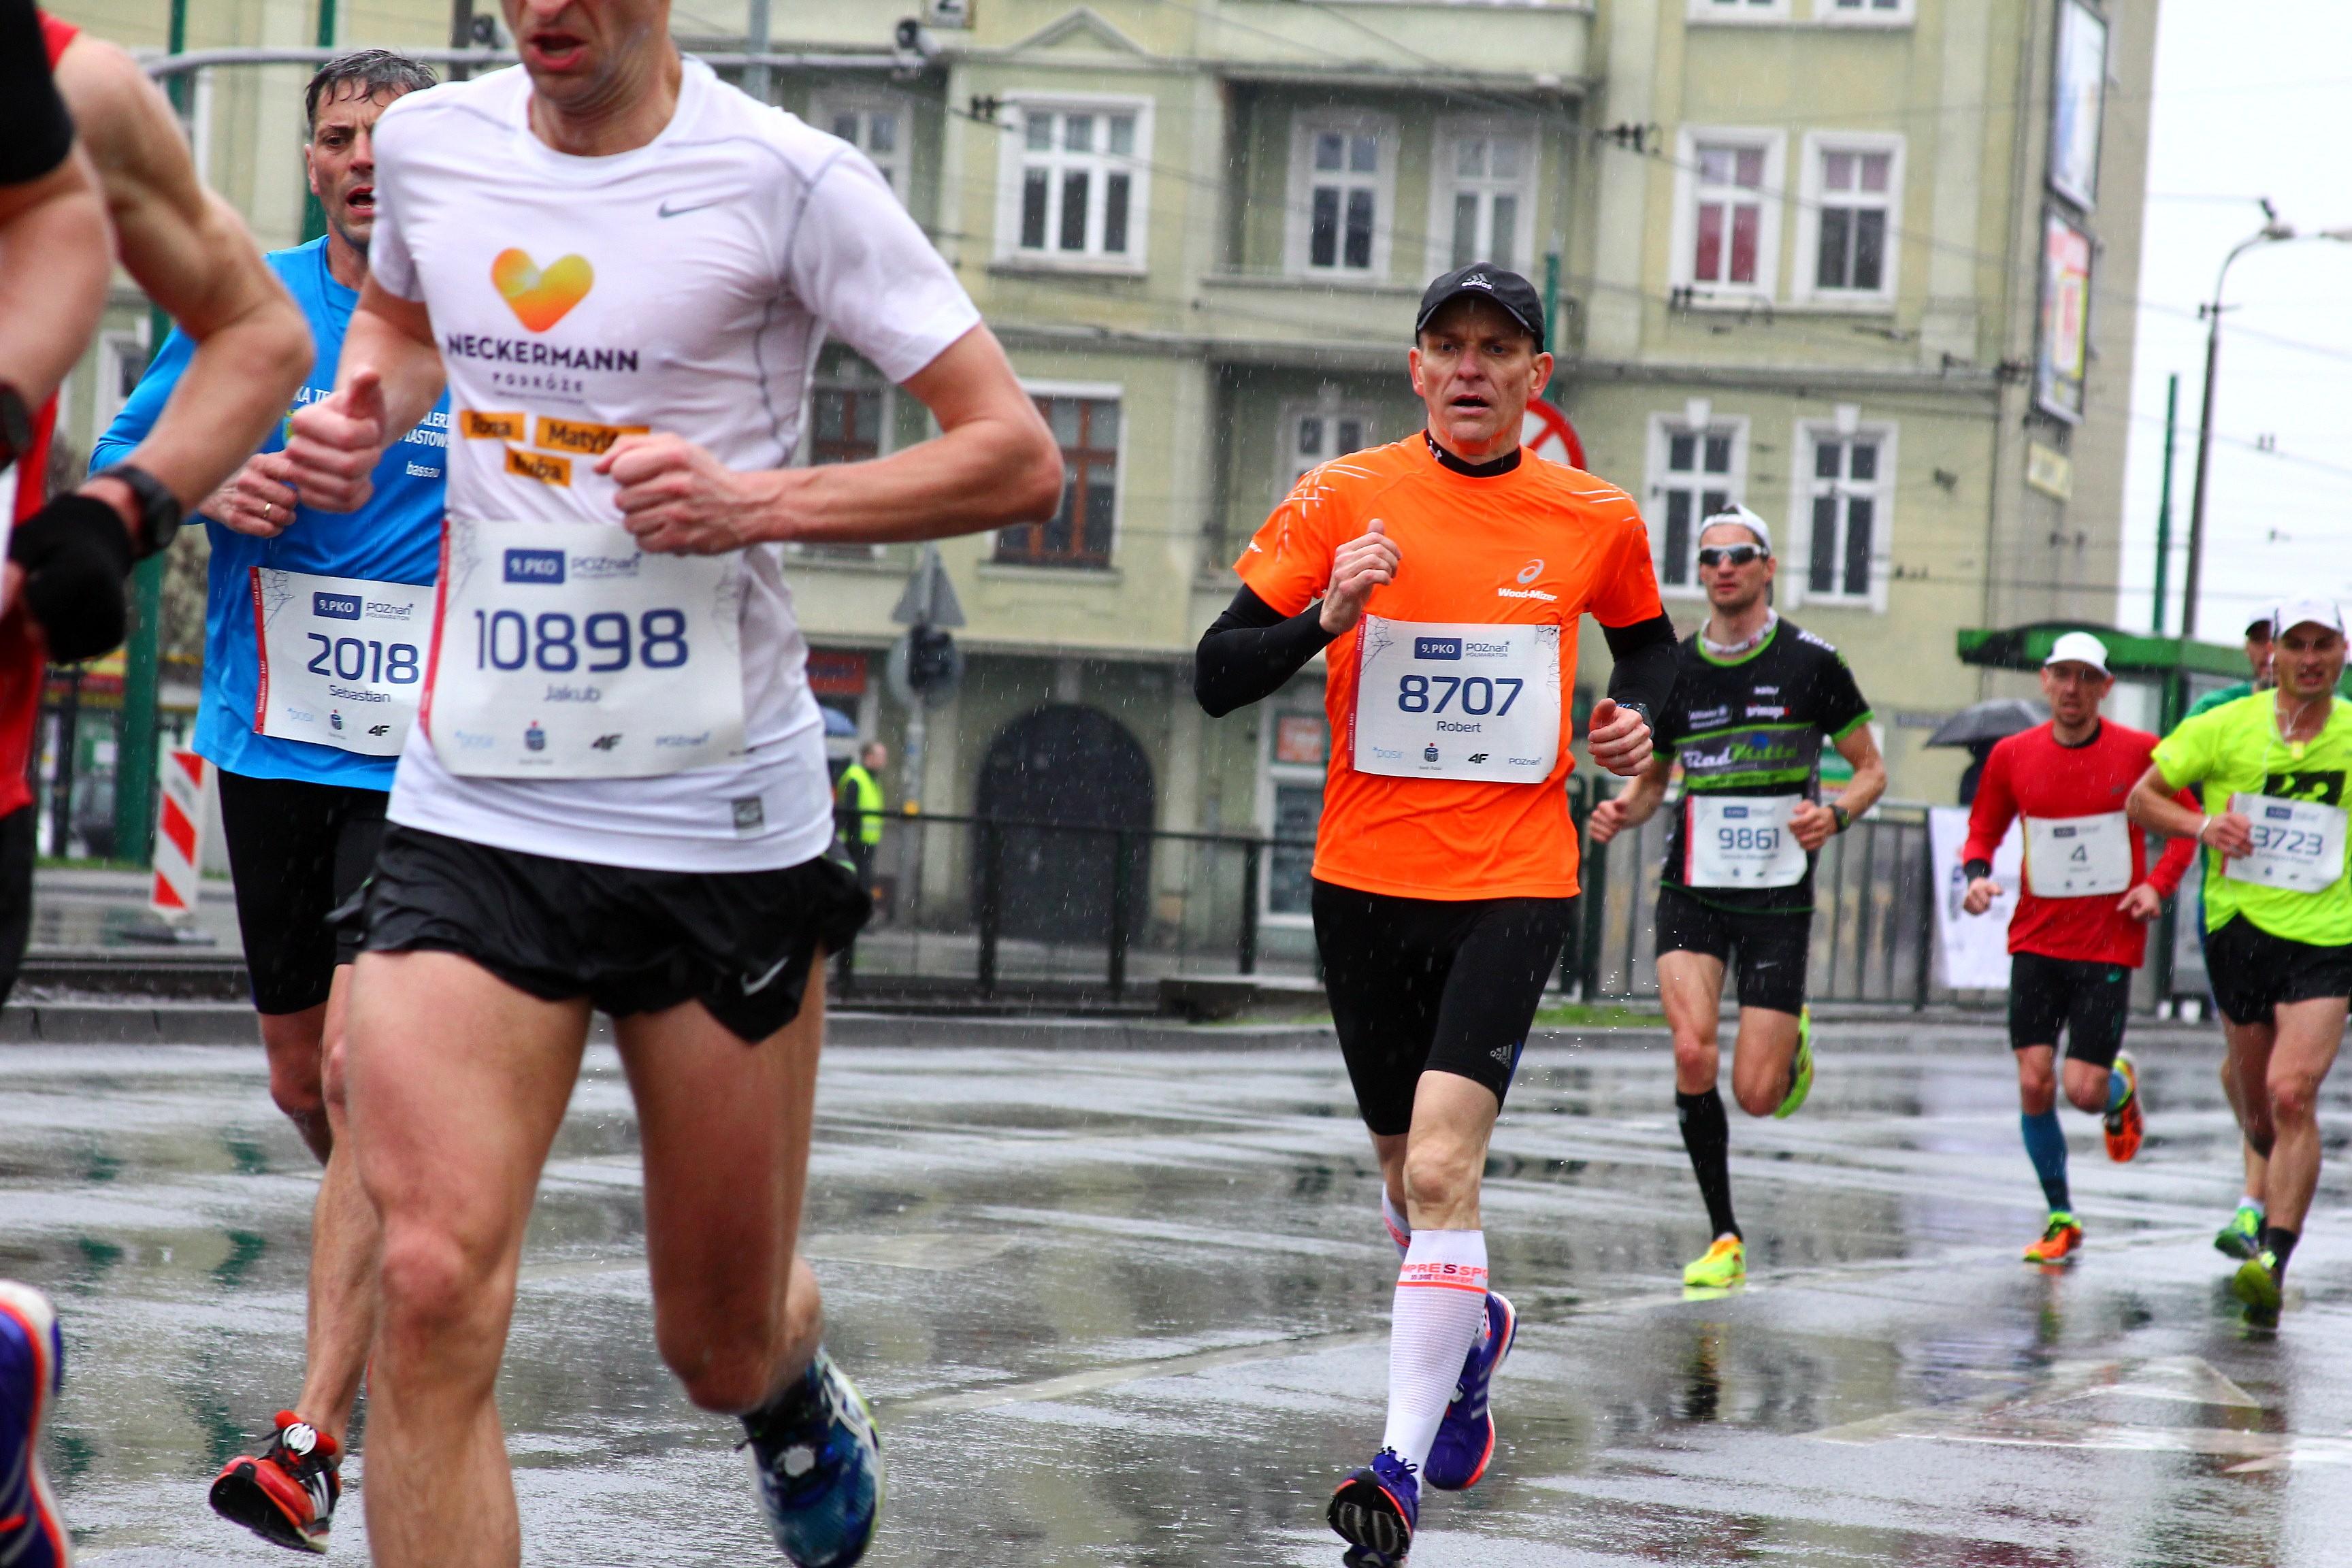 Robert Bagiński - dobry bieg zawodnika trenującego u Emila na Maniackiej Dziesiątce w Poznaniu